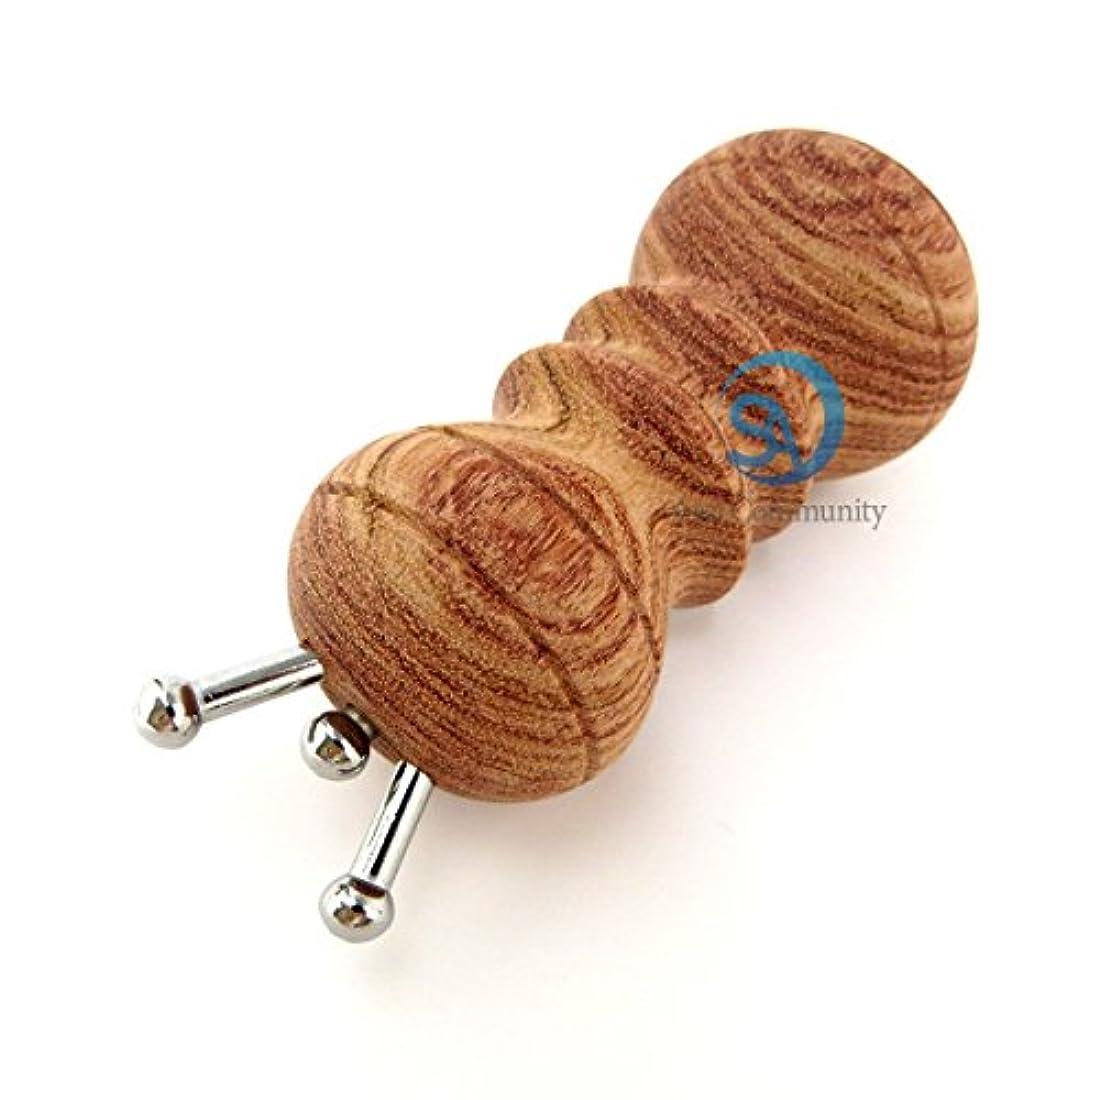 マットレス不条理ミュートかっさ 無痕かっさ 天然花梨木 (カリボク) 磁石付き マッサージ器